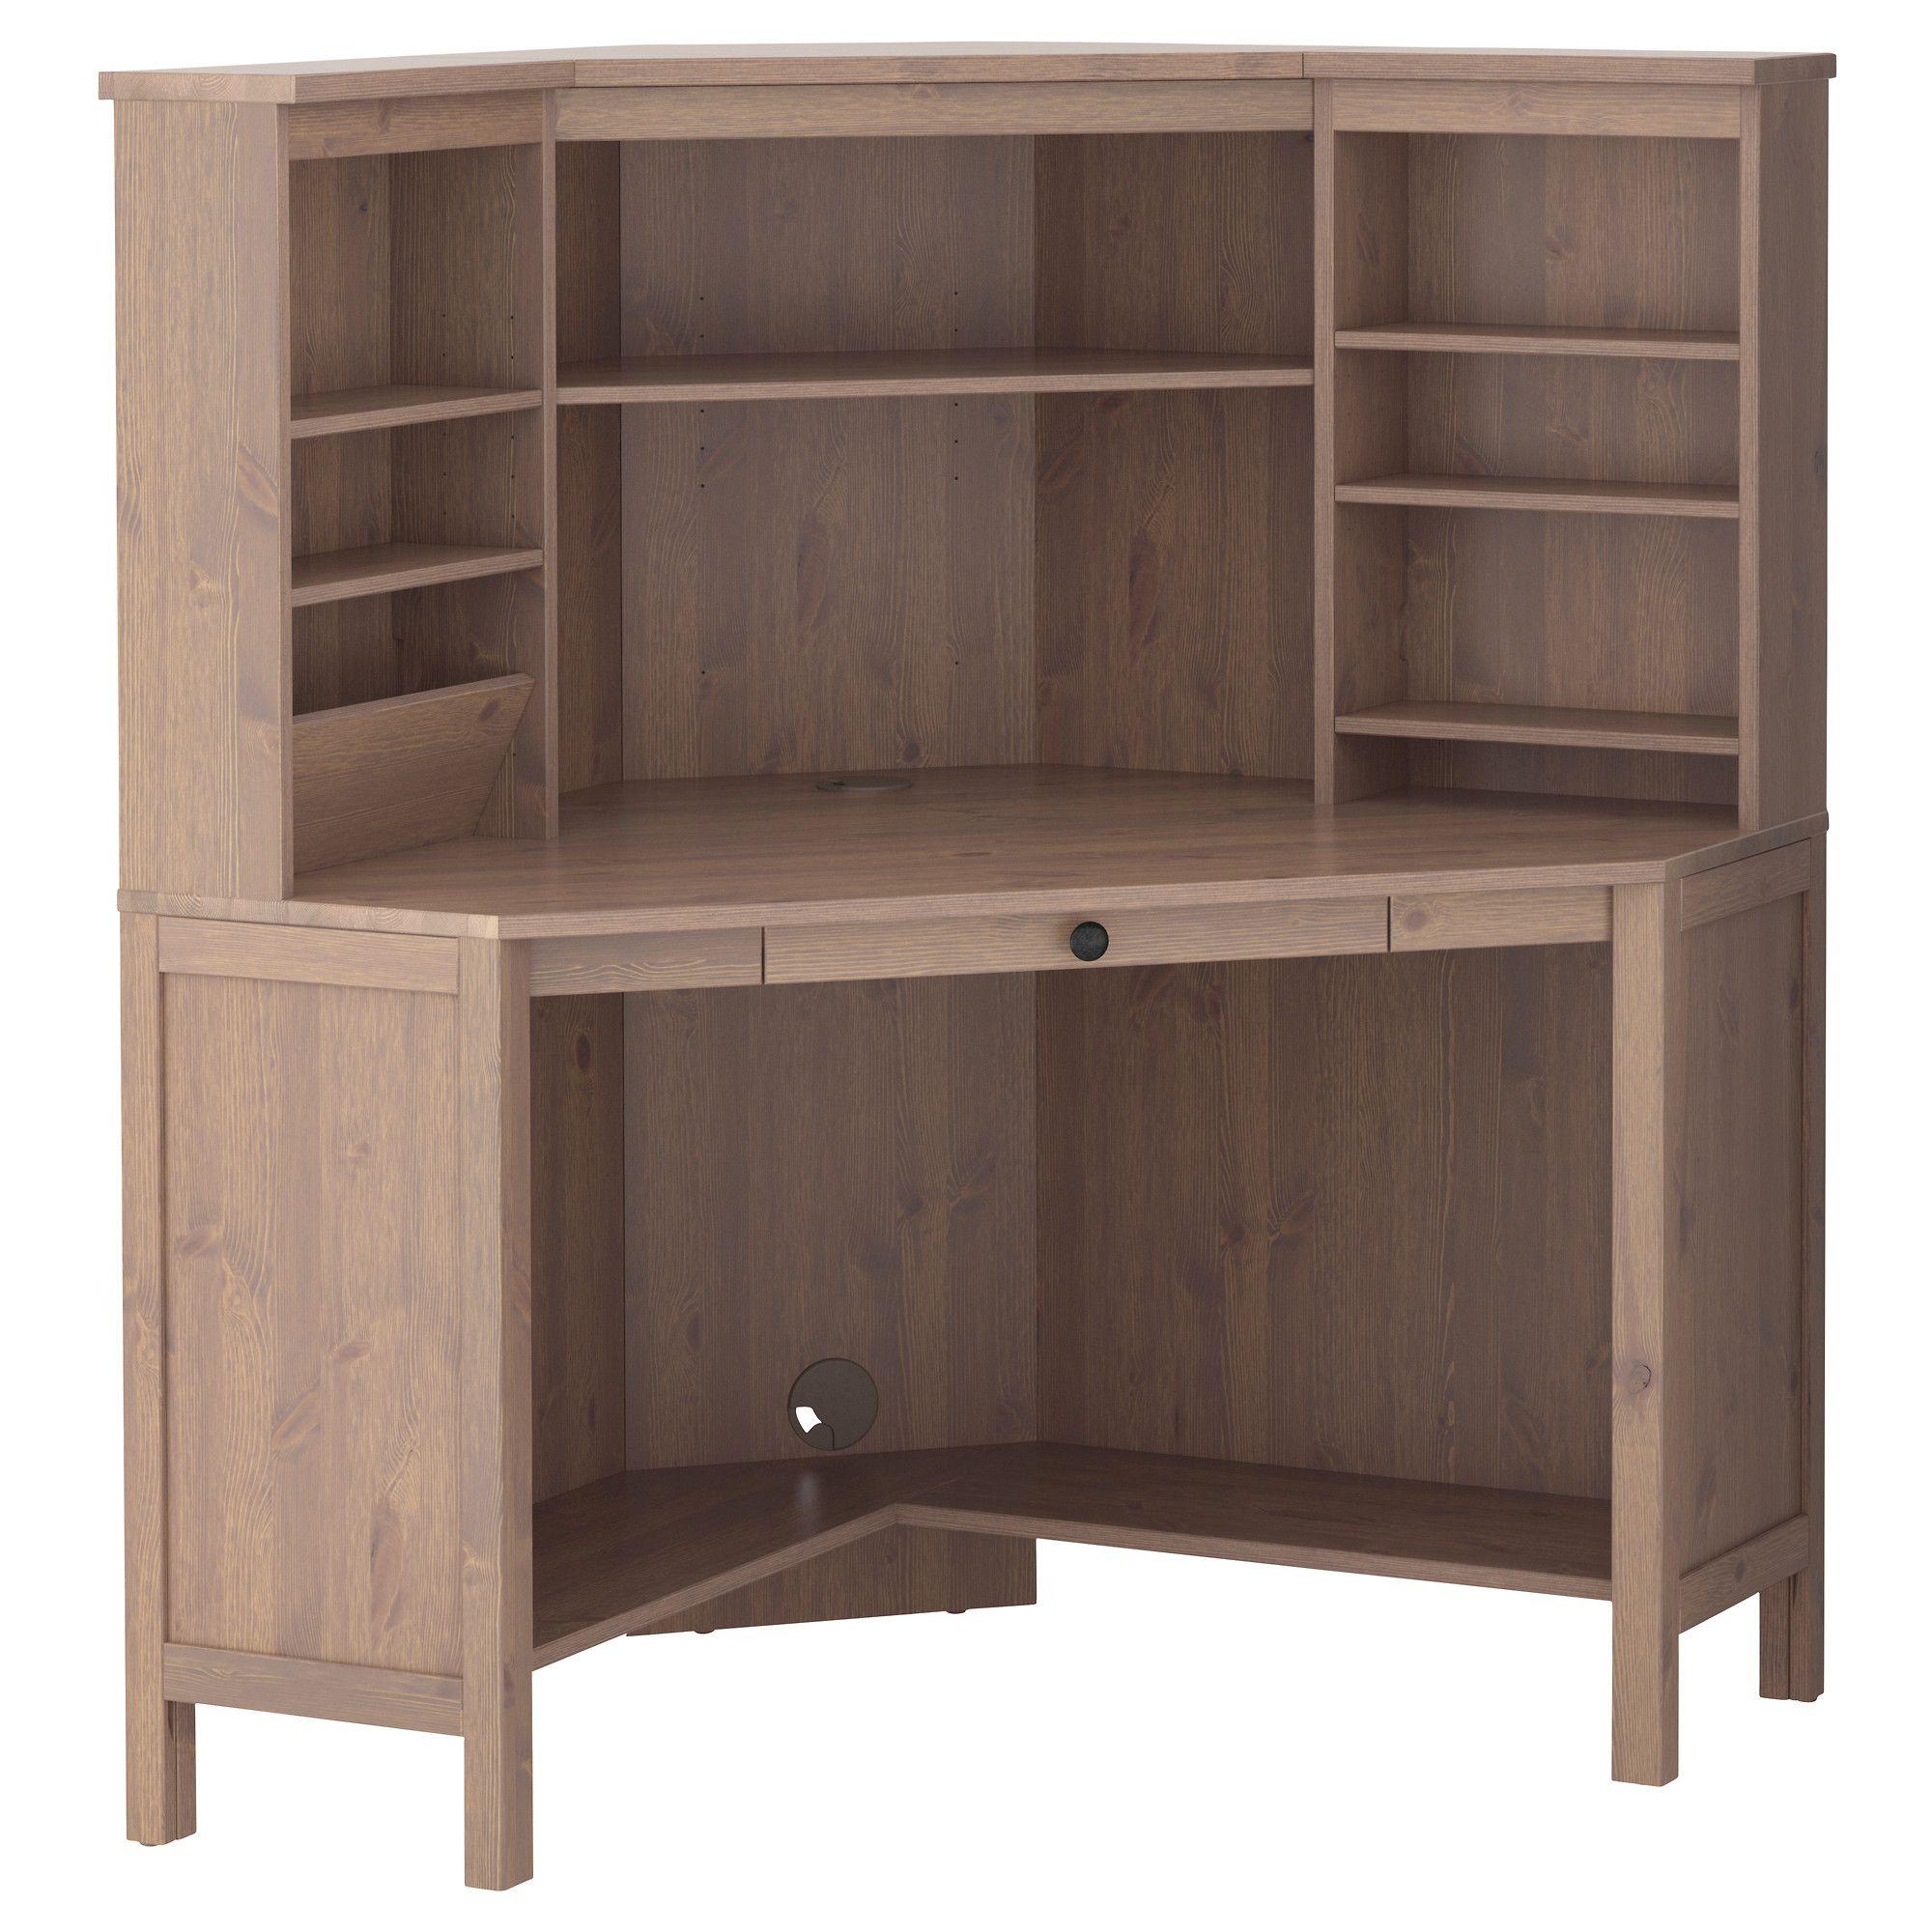 Eckschreibtisch ikea hemnes  HEMNES Eckarbeitsplatz - graubraun - IKEA | Home | Pinterest ...